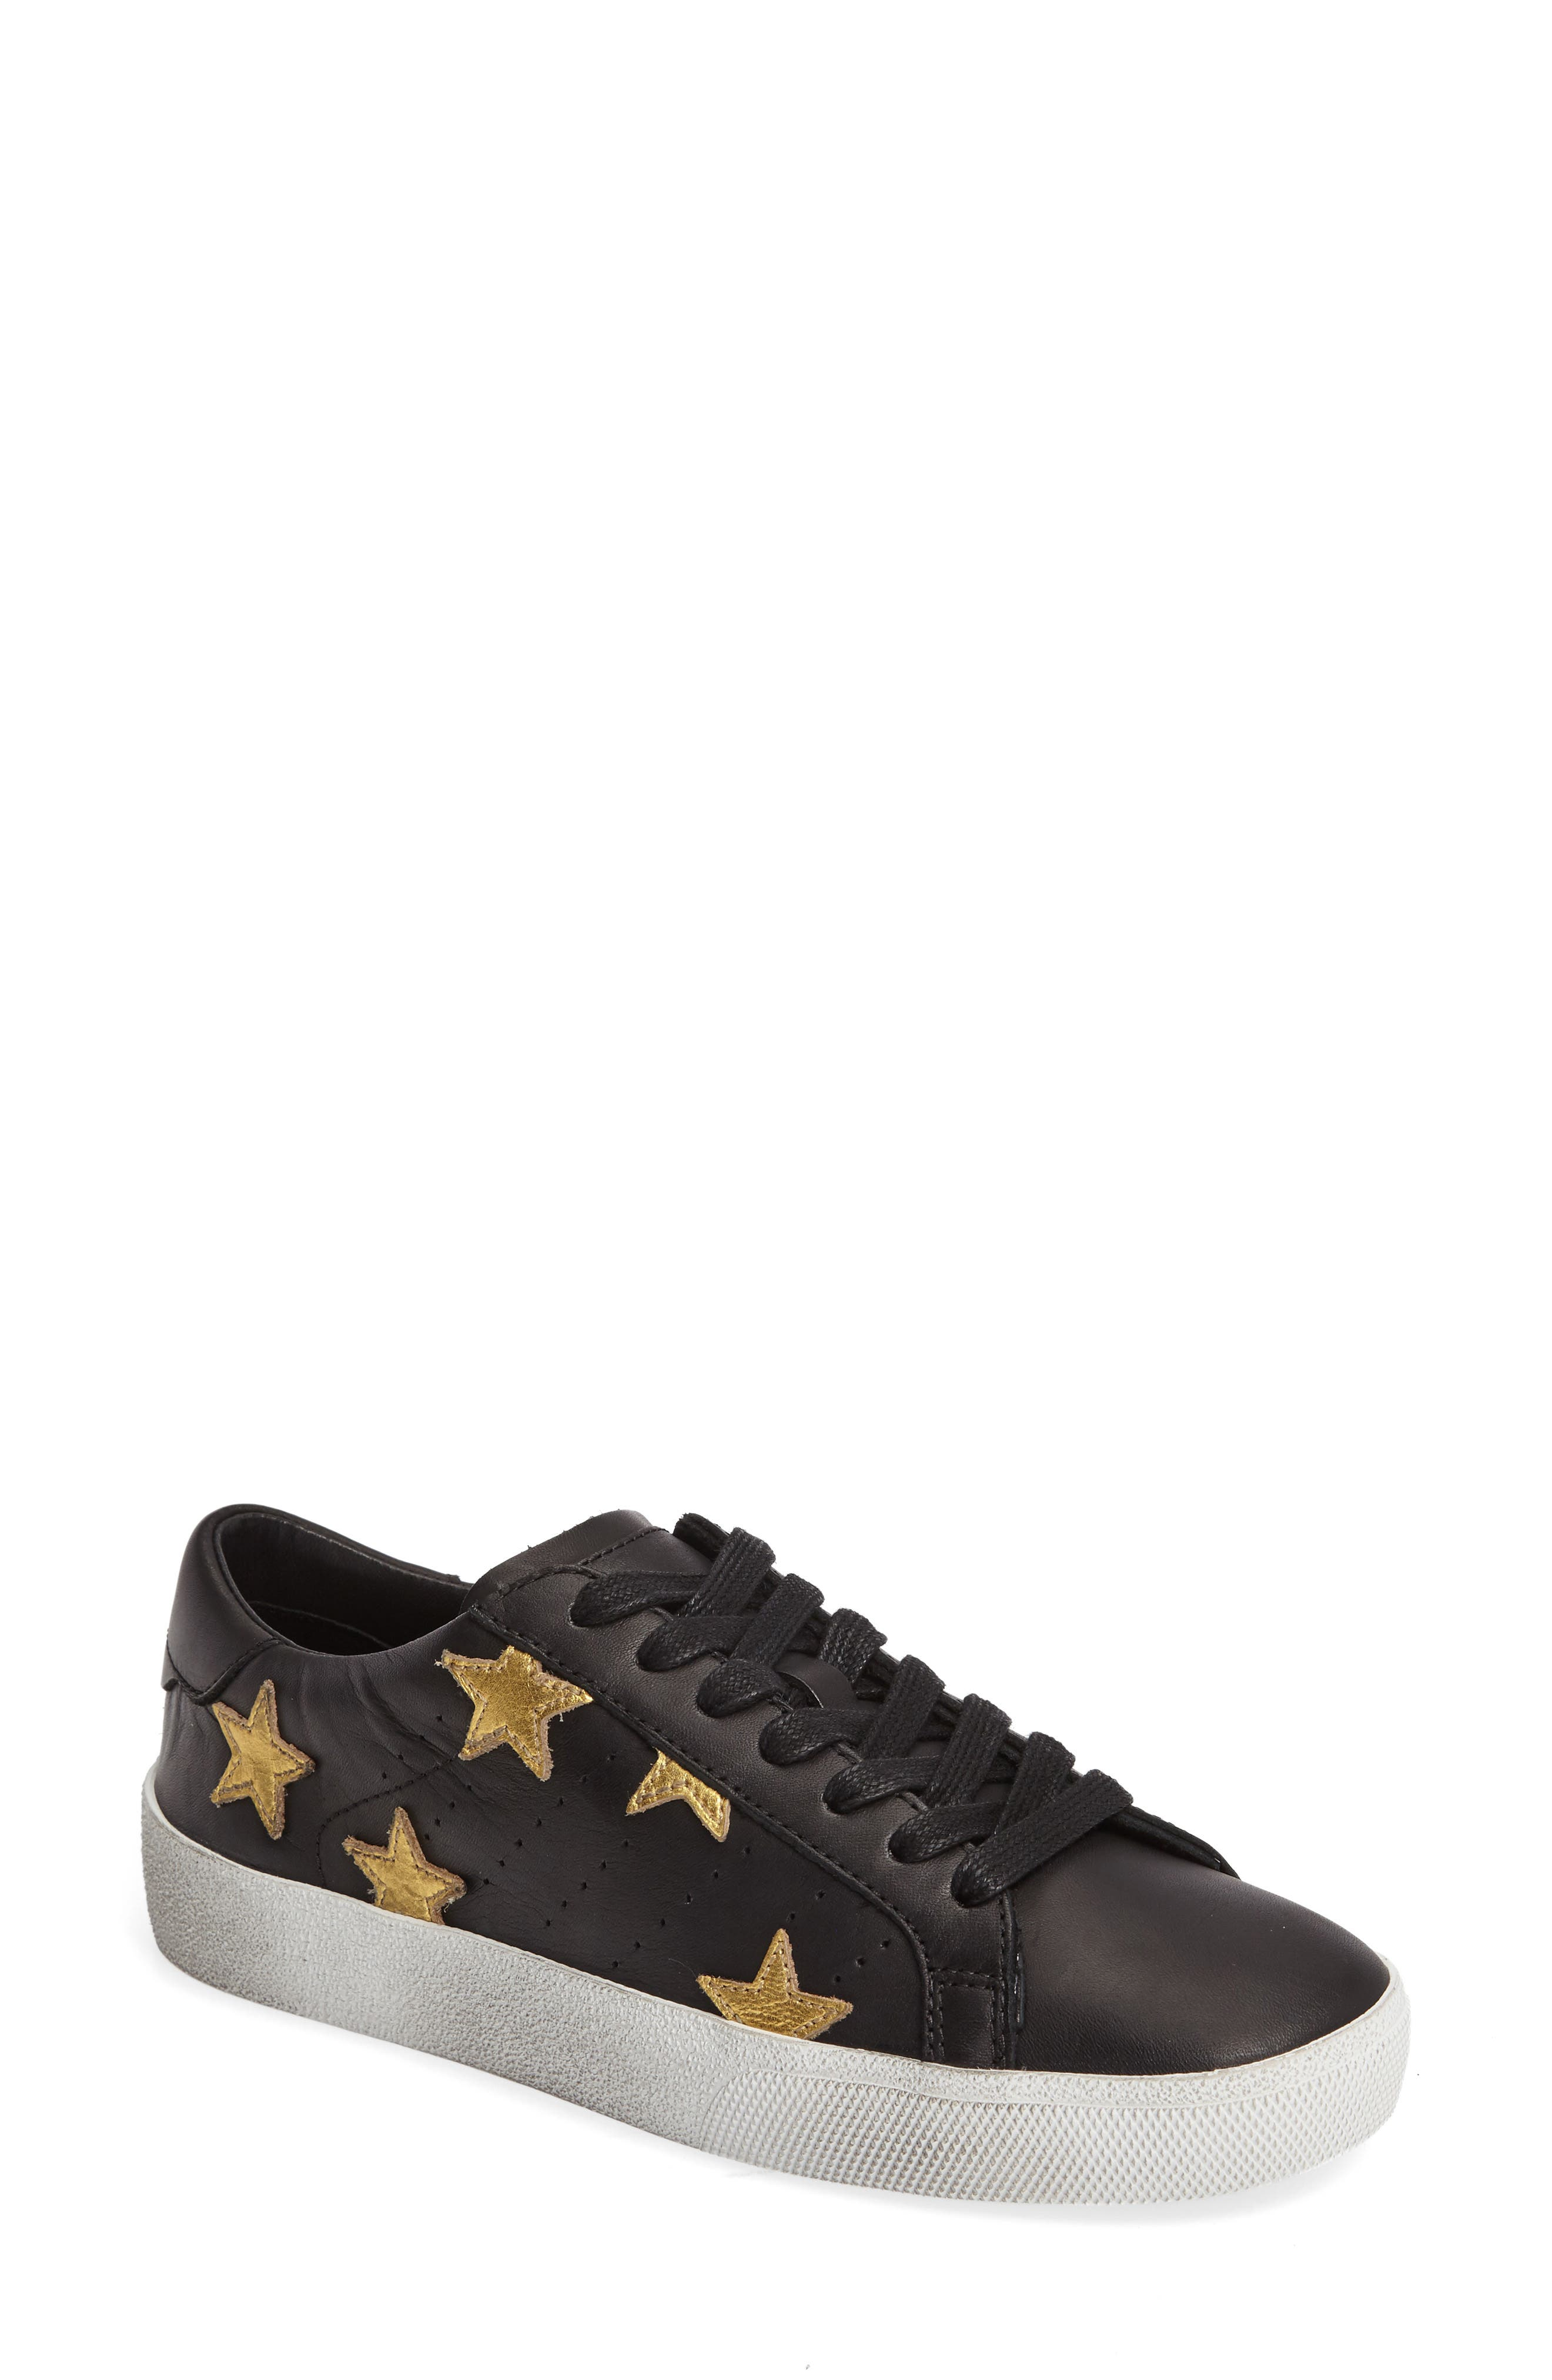 Alternate Image 1 Selected - Mercer Edit Callback Star Sneaker (Women)